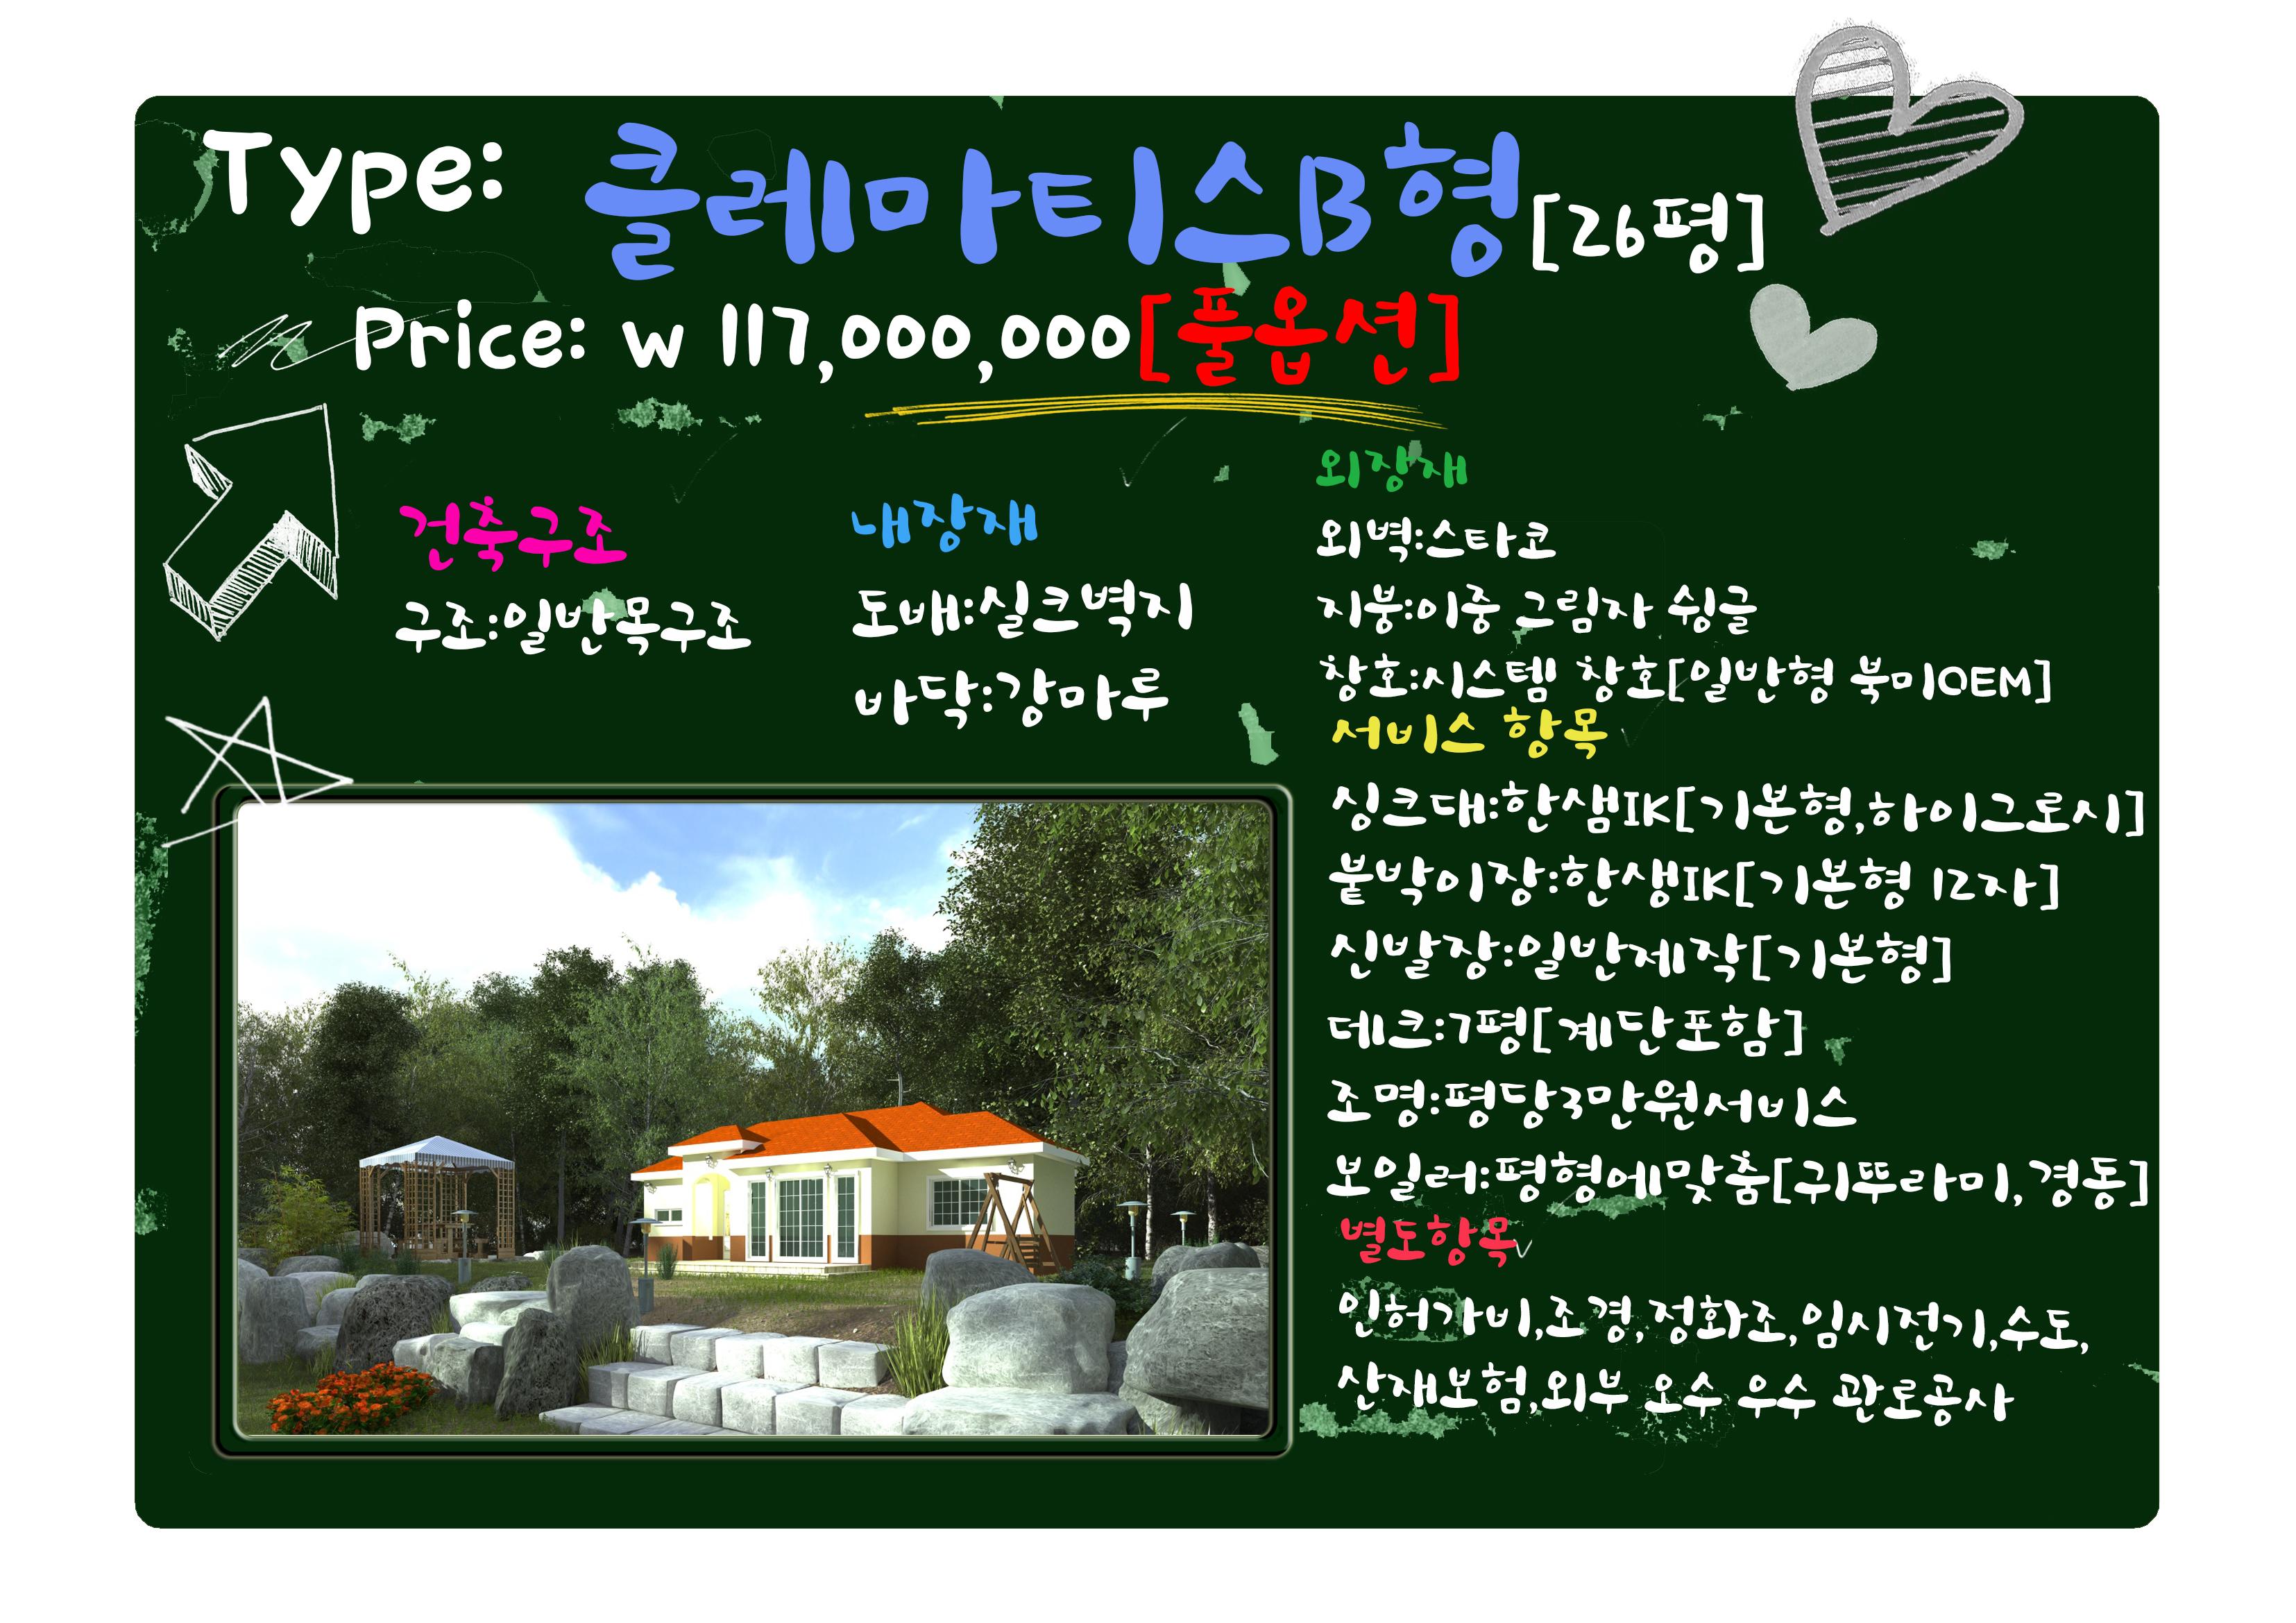 14.12.04 엔젤하우징 26PY - B Type (김대호 수정) 상품 설명.jpg